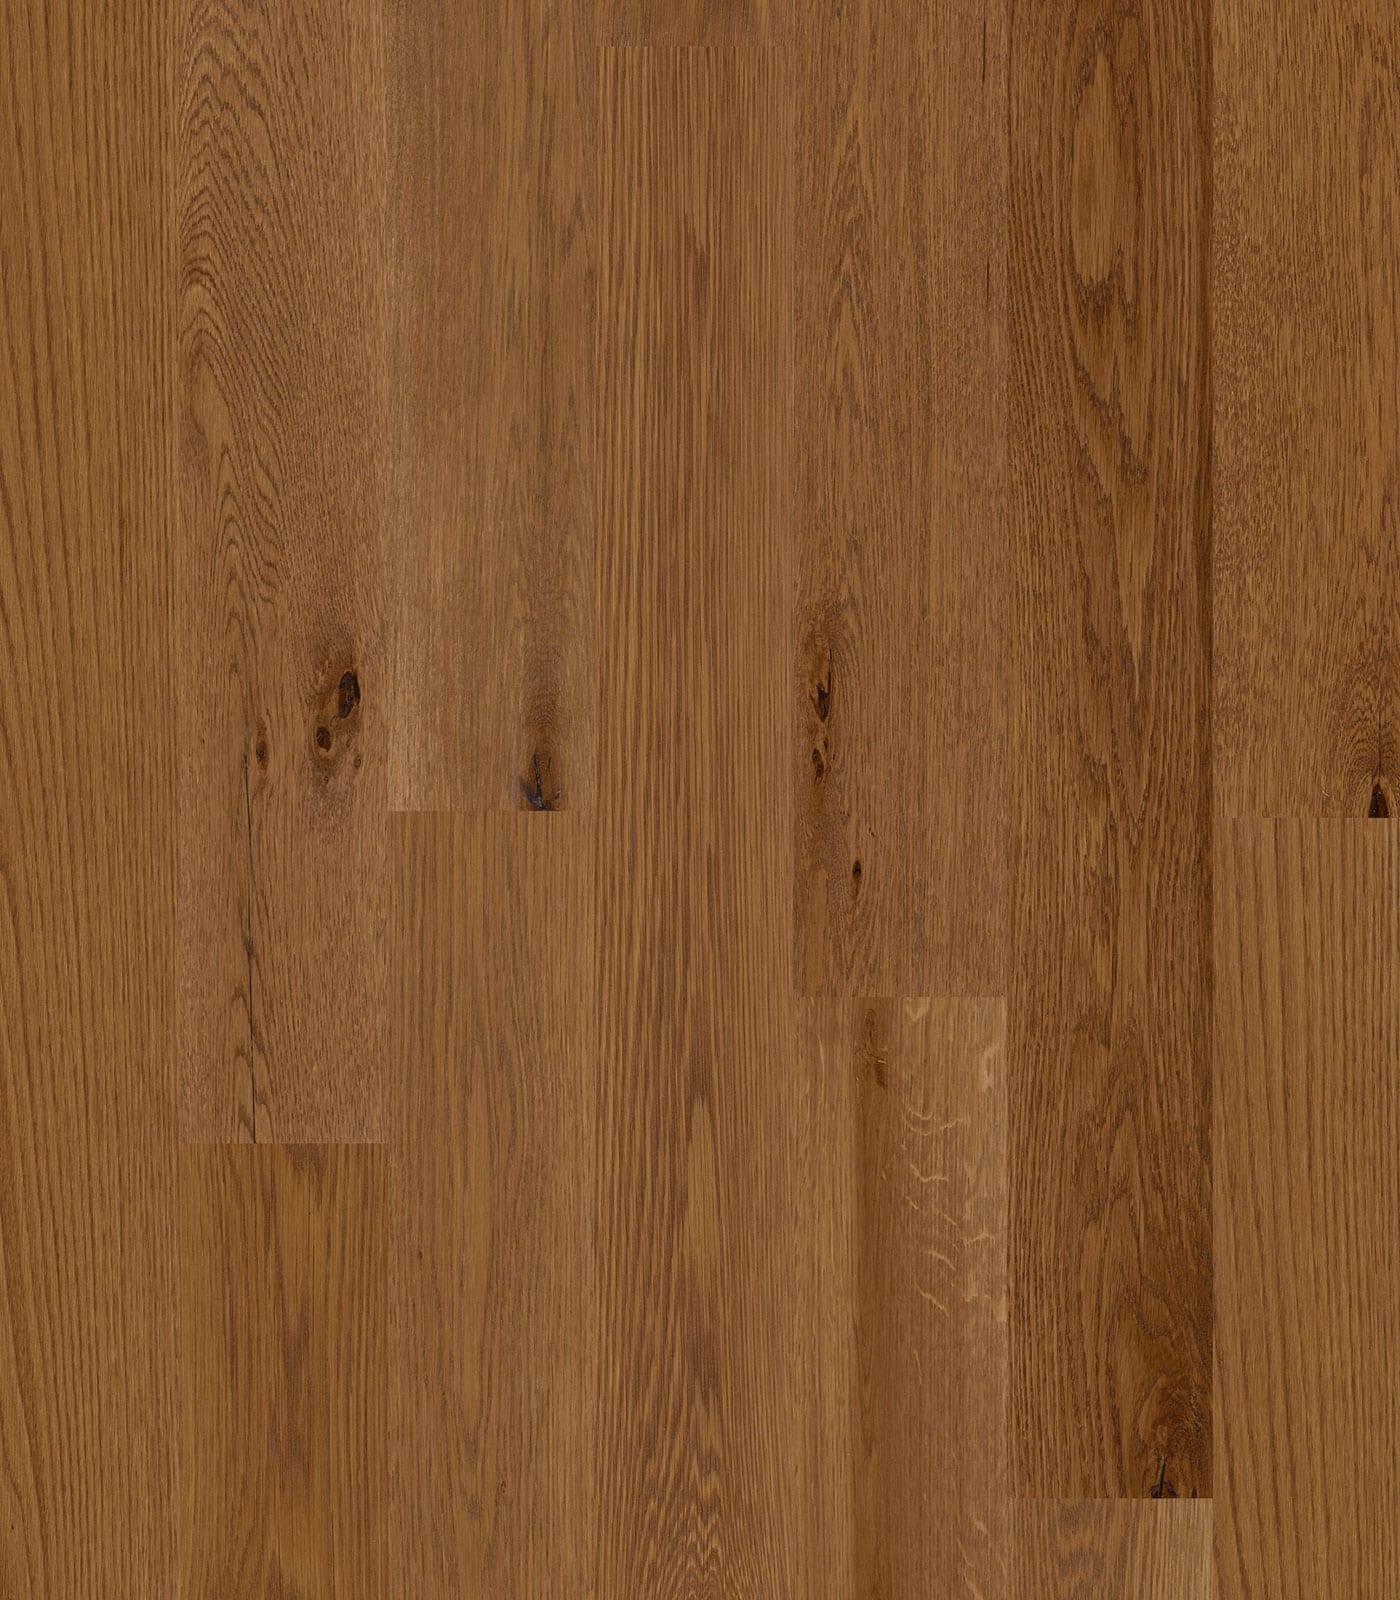 Harvest-European oak floors-Color Collection-flat